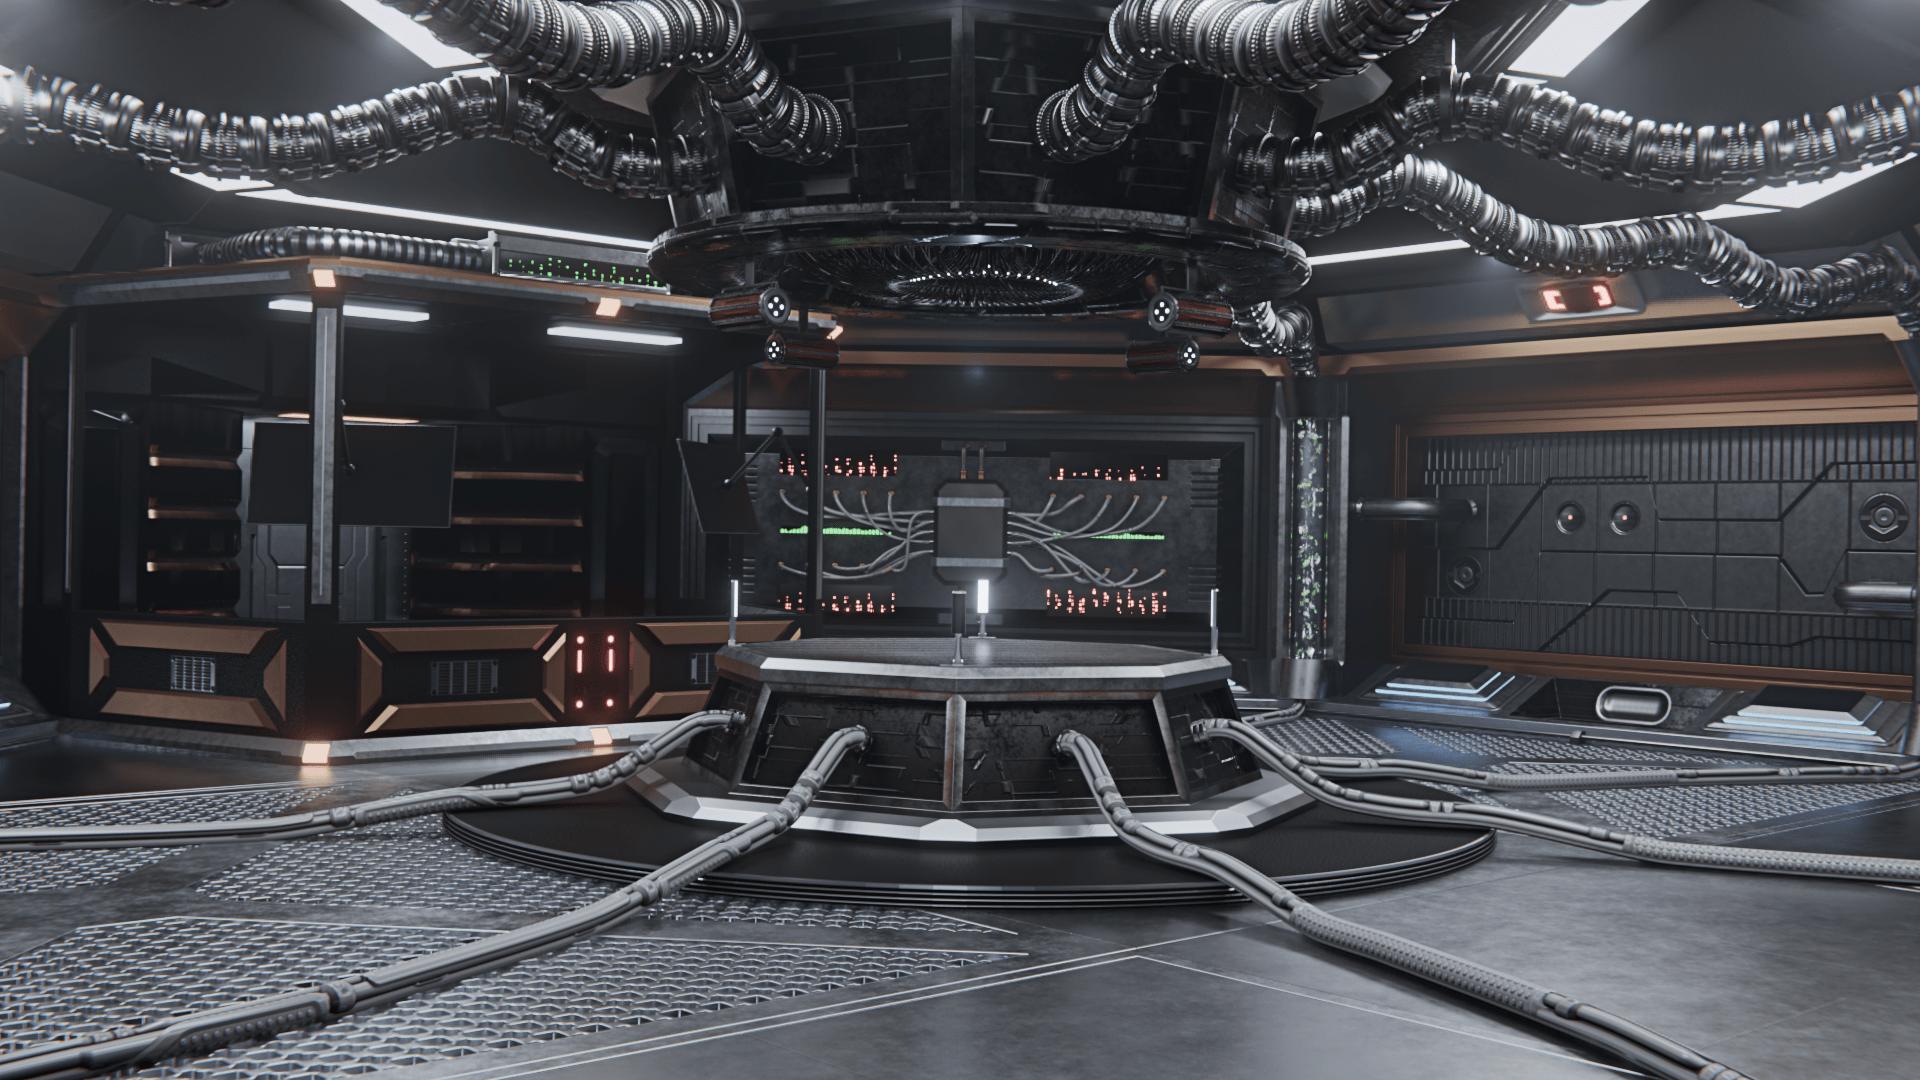 sci-fi-lab_01